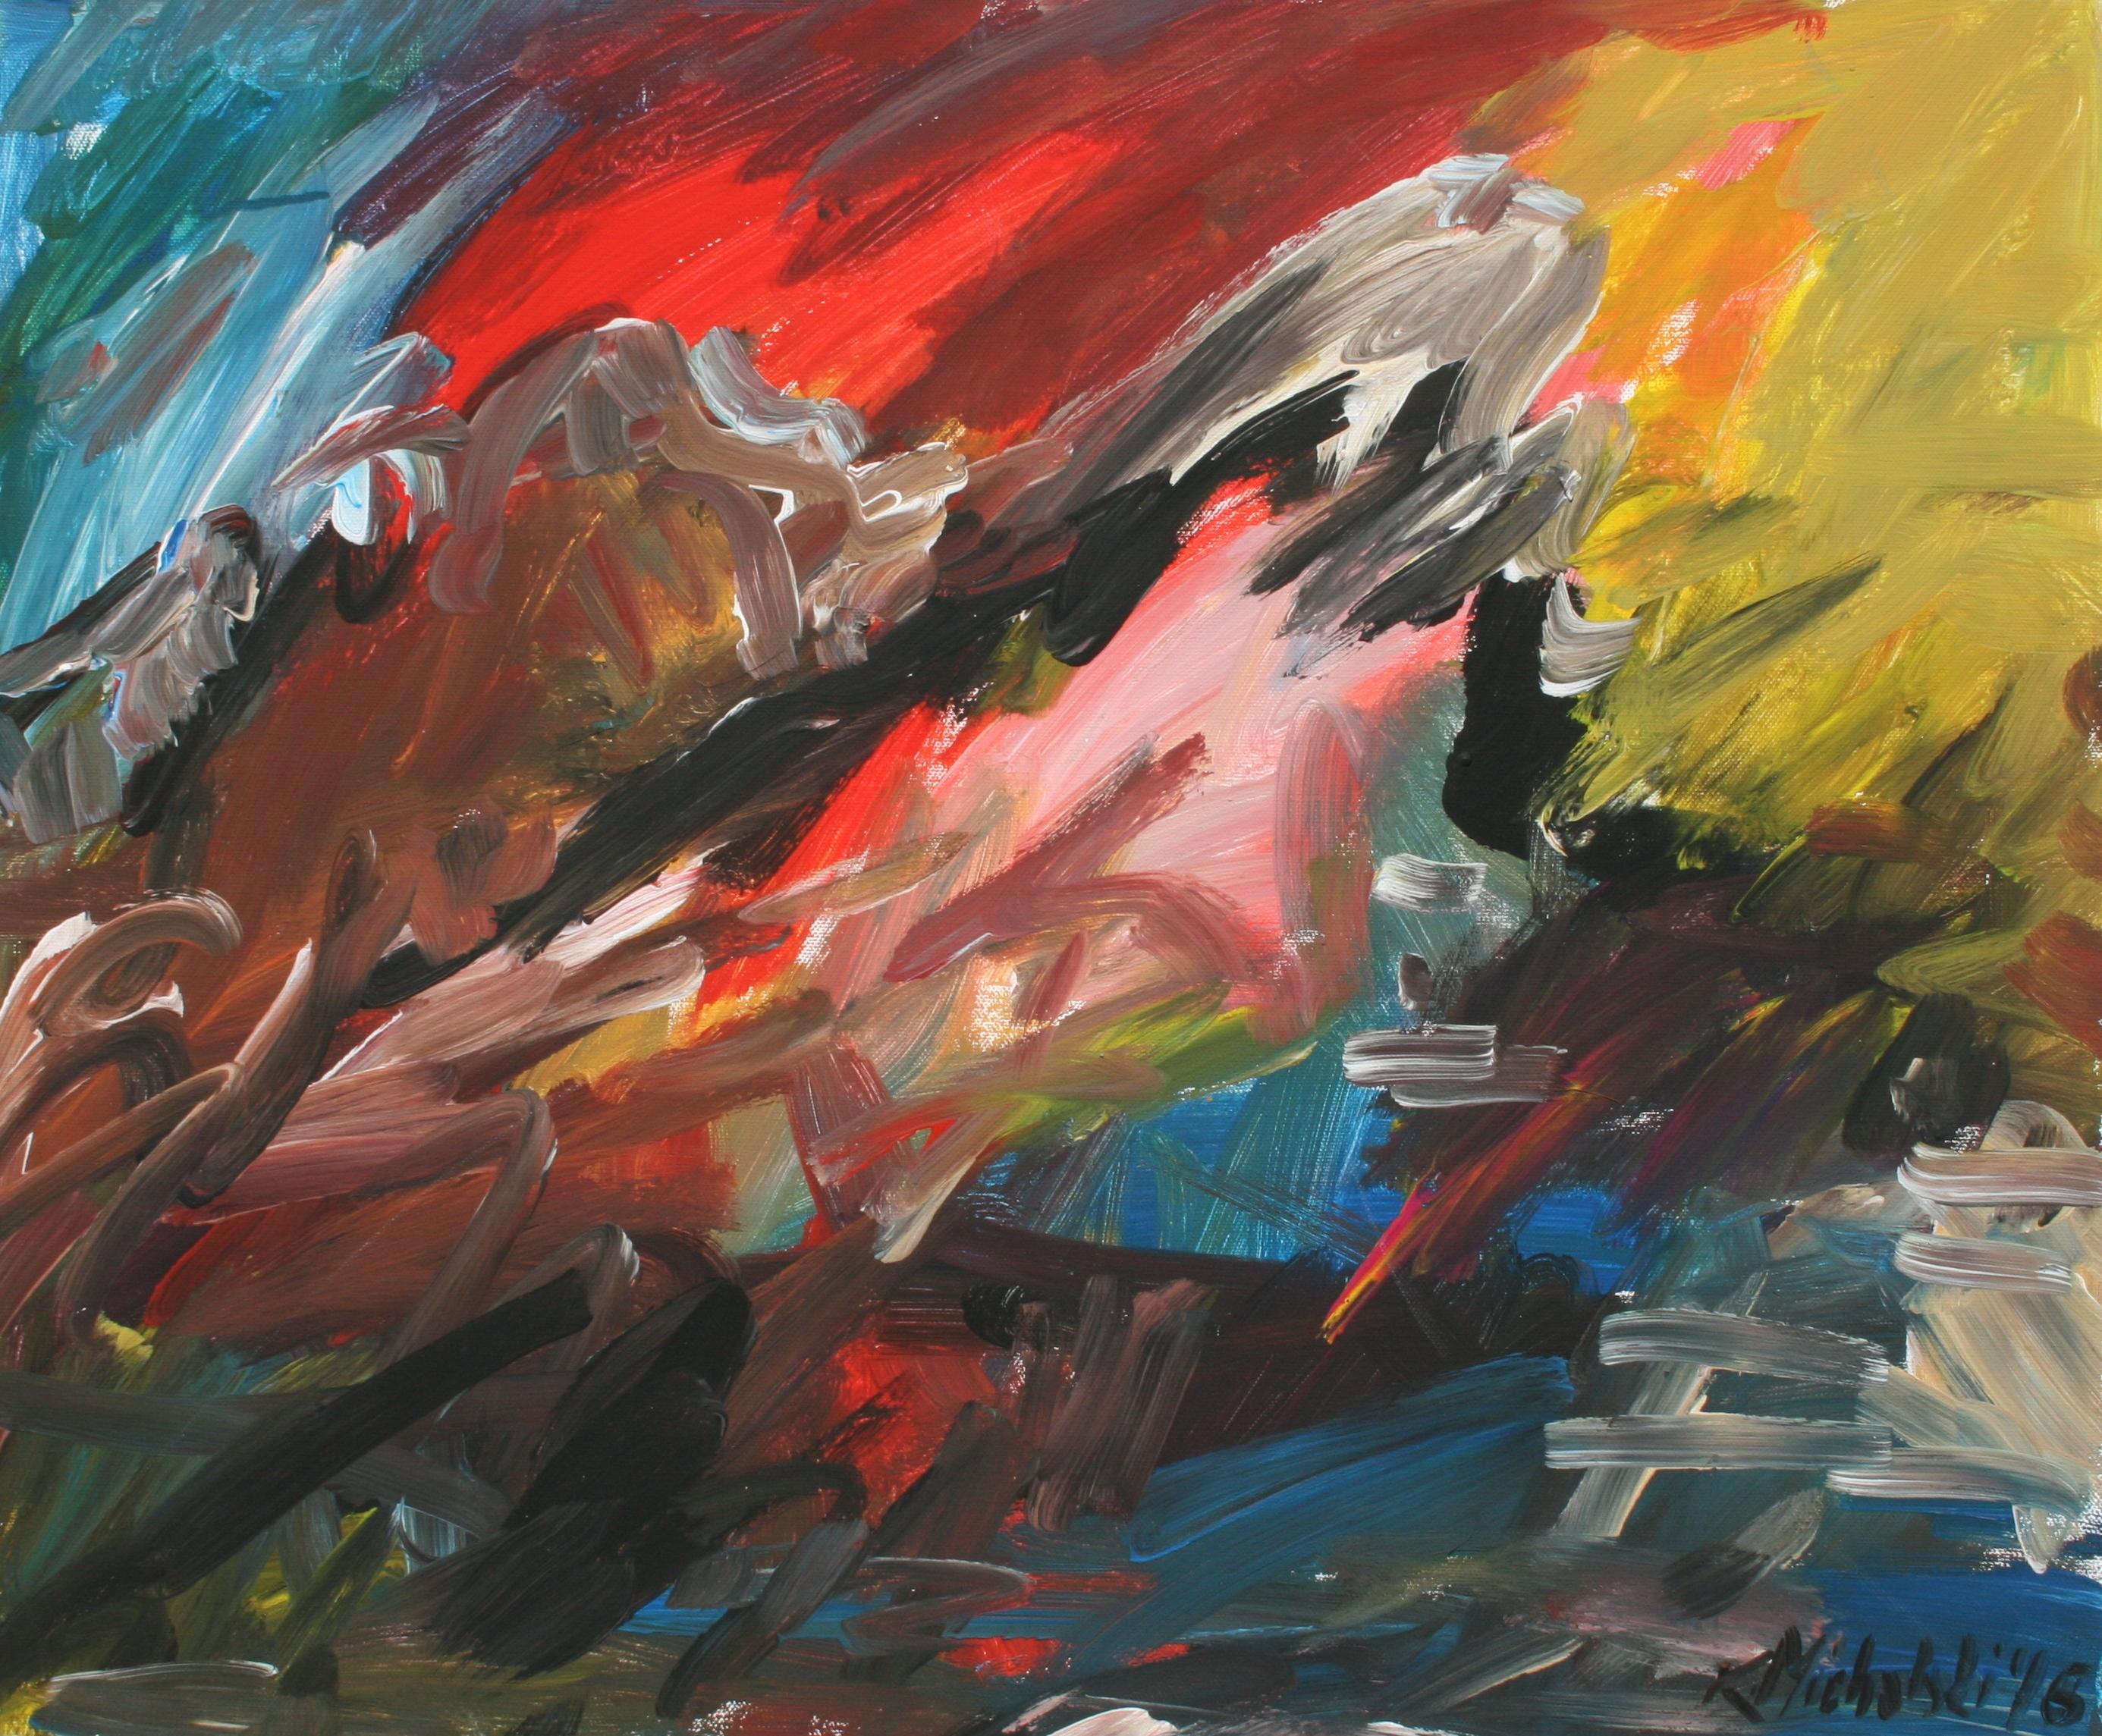 Marmolata, 2016, 50 x 60, Acryl auf Leinwand